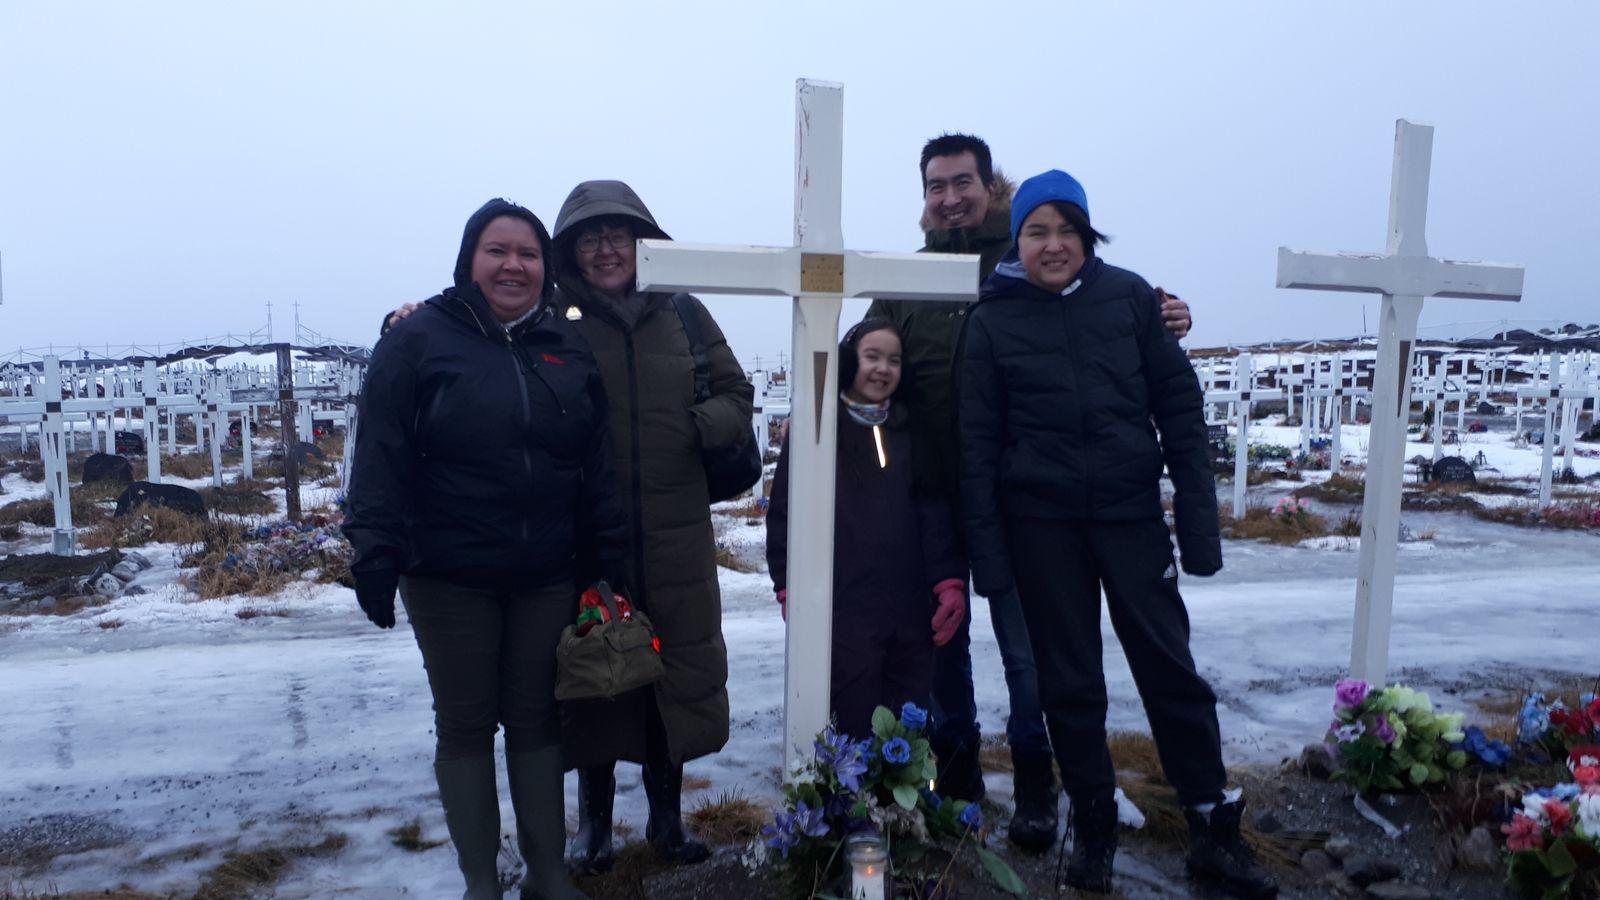 2018-12-24-1349_-_Anna Hessler Labansen; Linda Louise Hessler Isbosethsen; Mina Hessler Isobosethsen; Peter Isoboseth